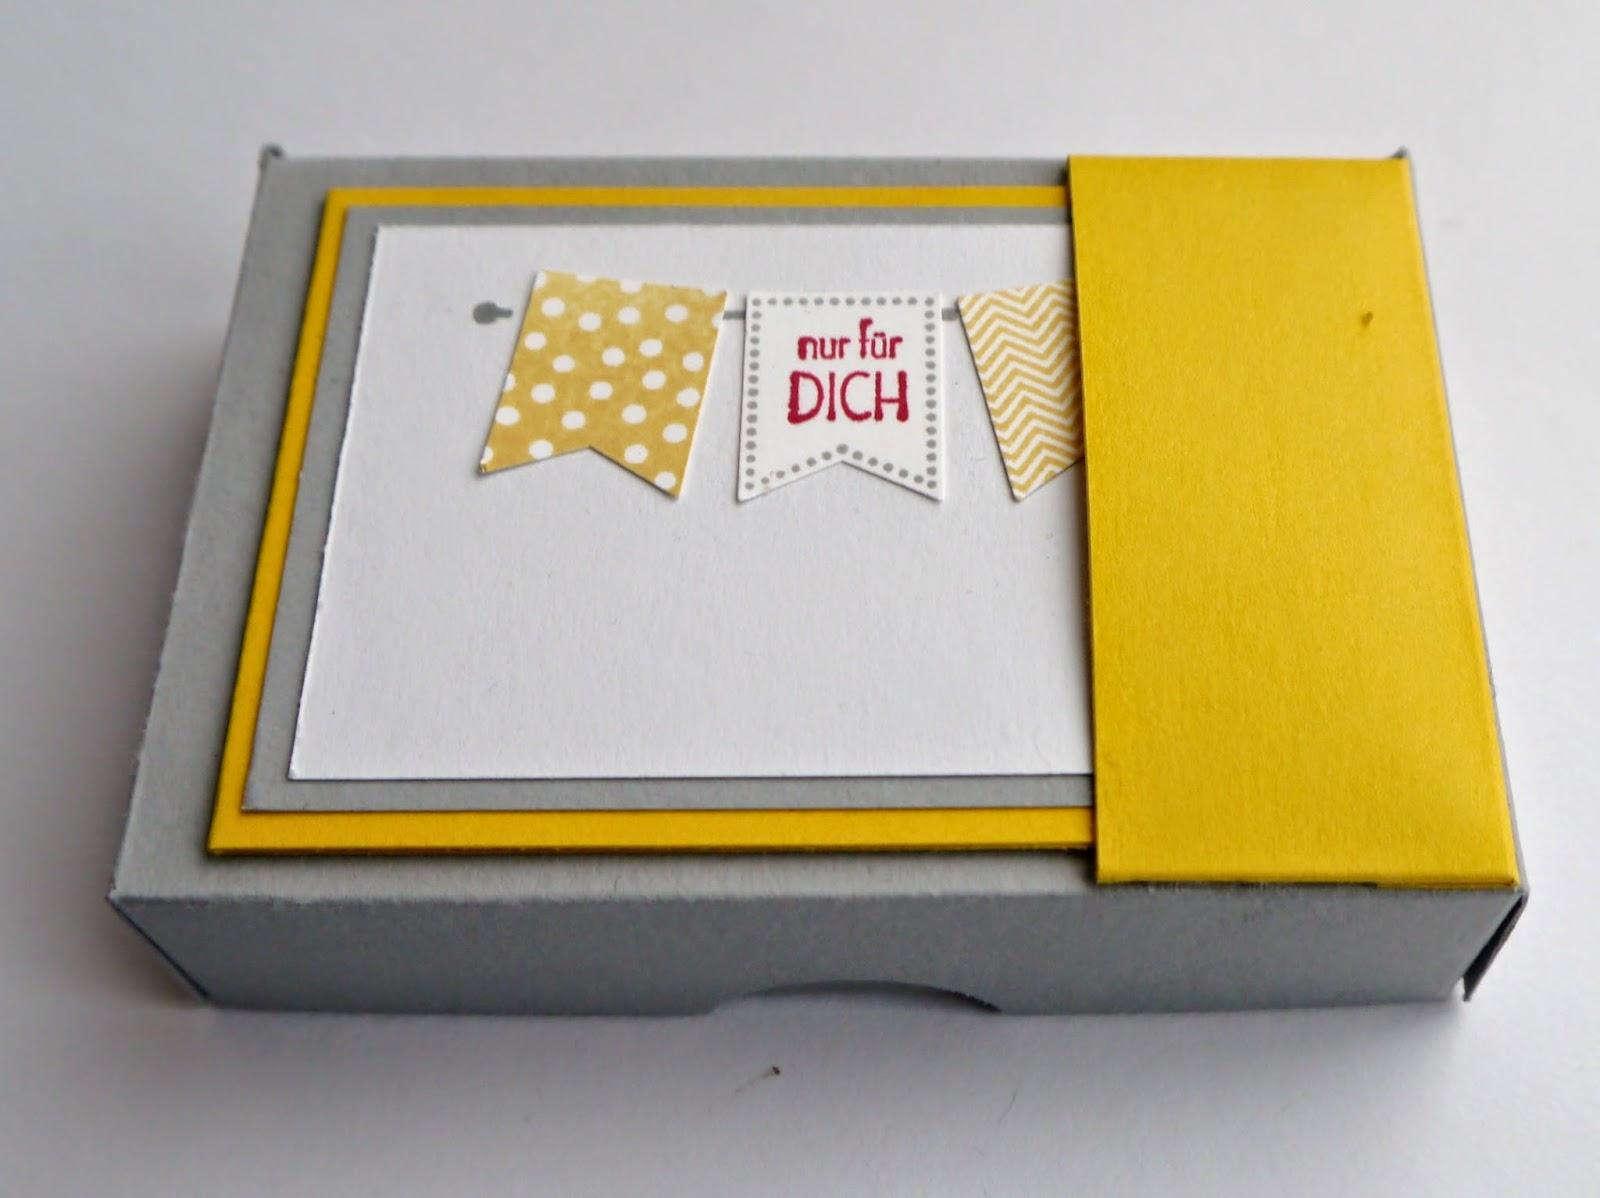 schnecke 39 s kreativ laden kleine box mit karte. Black Bedroom Furniture Sets. Home Design Ideas